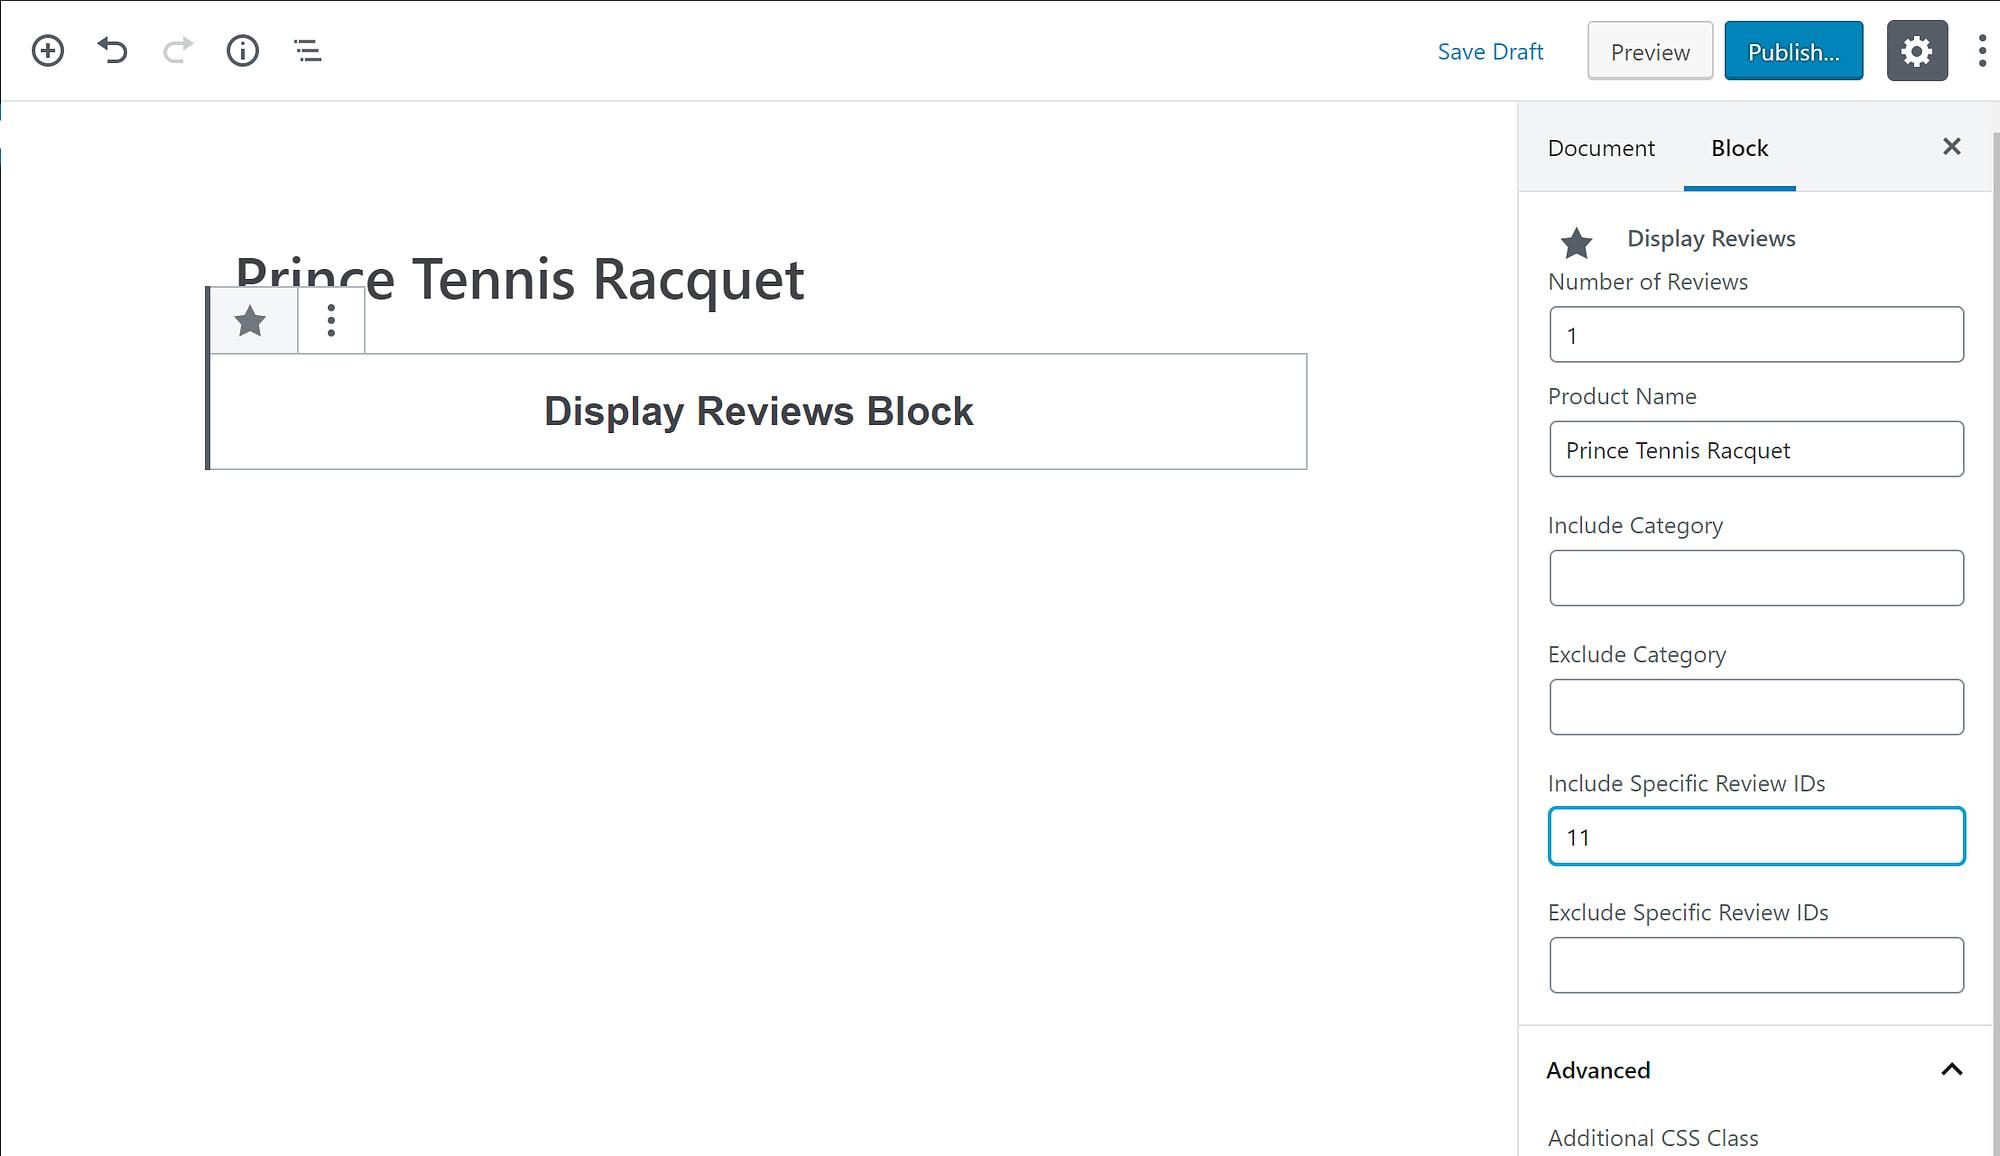 Review block